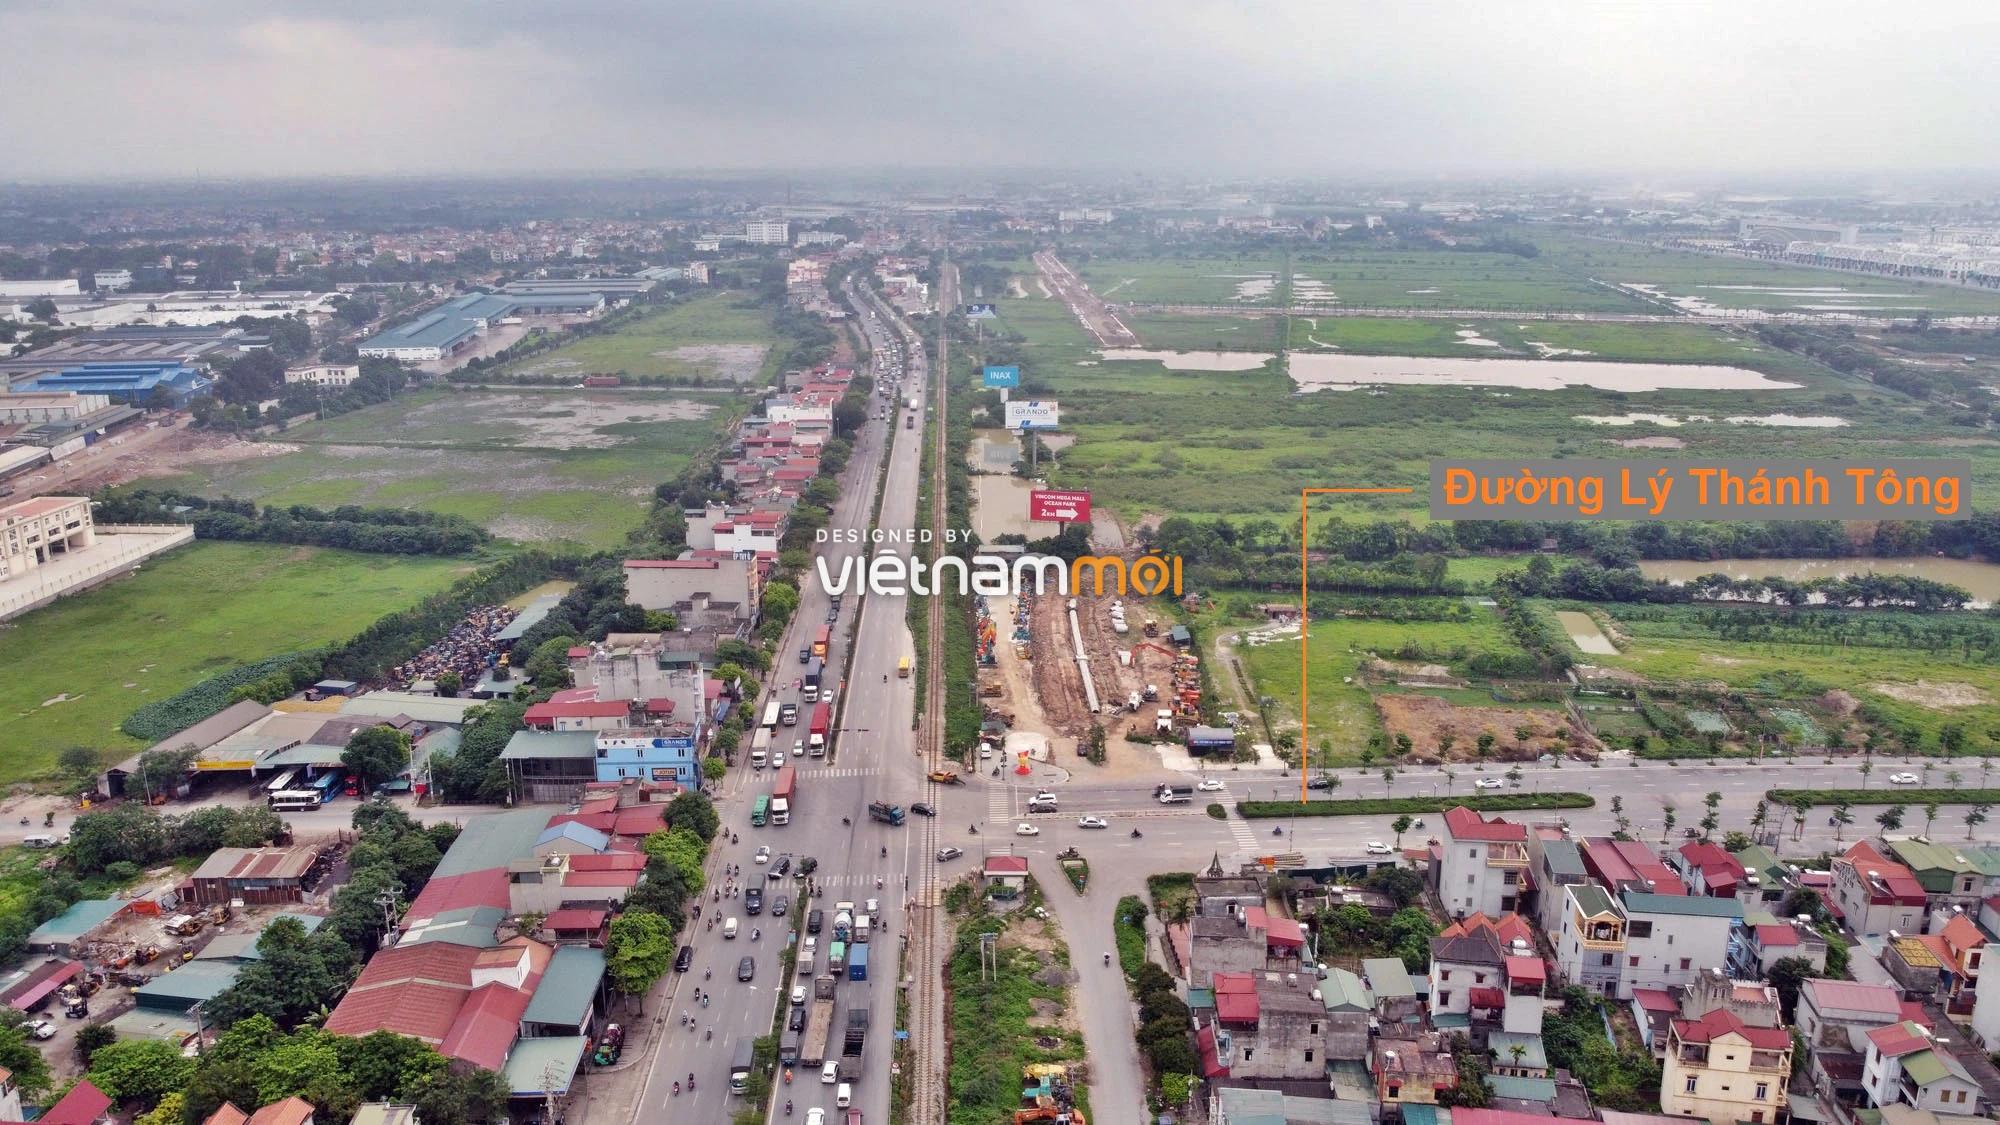 Toàn cảnh tuyến đường gom từ cầu Thanh Trì đến cầu vượt Phú Thị đang mở theo quy hoạch ở Hà Nội - Ảnh 11.